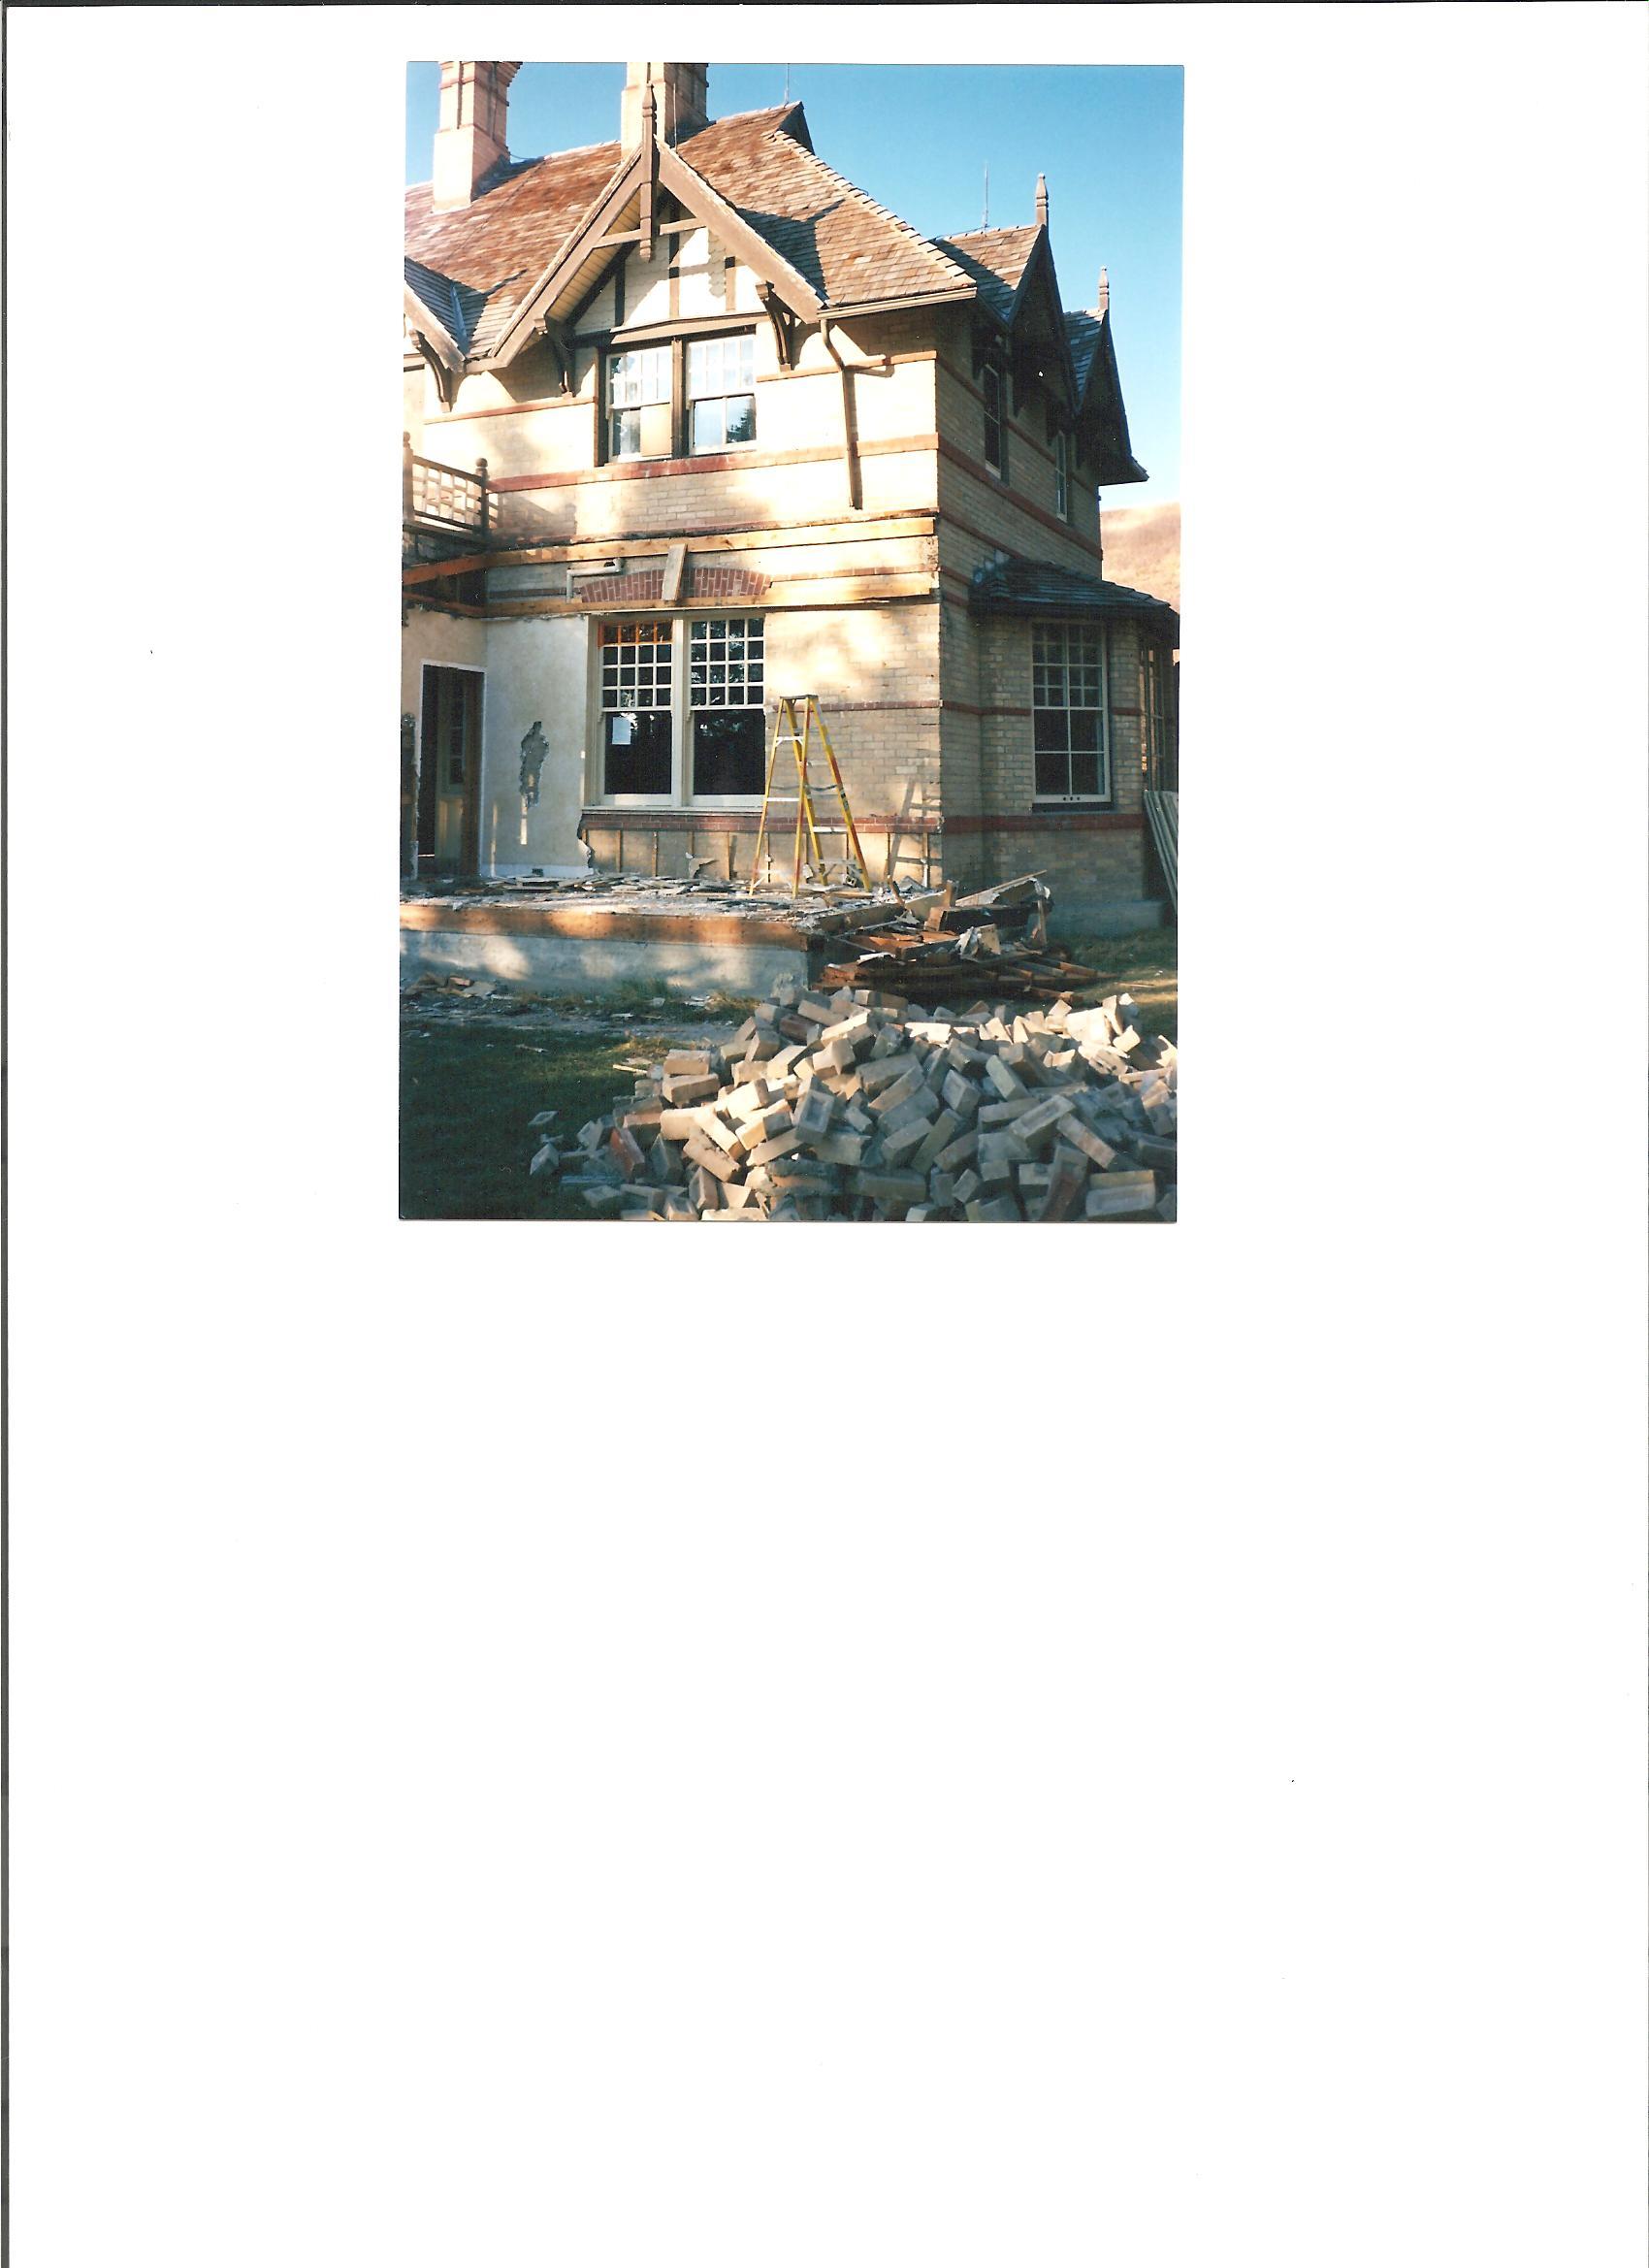 RancheHouse Exterior Construction 002